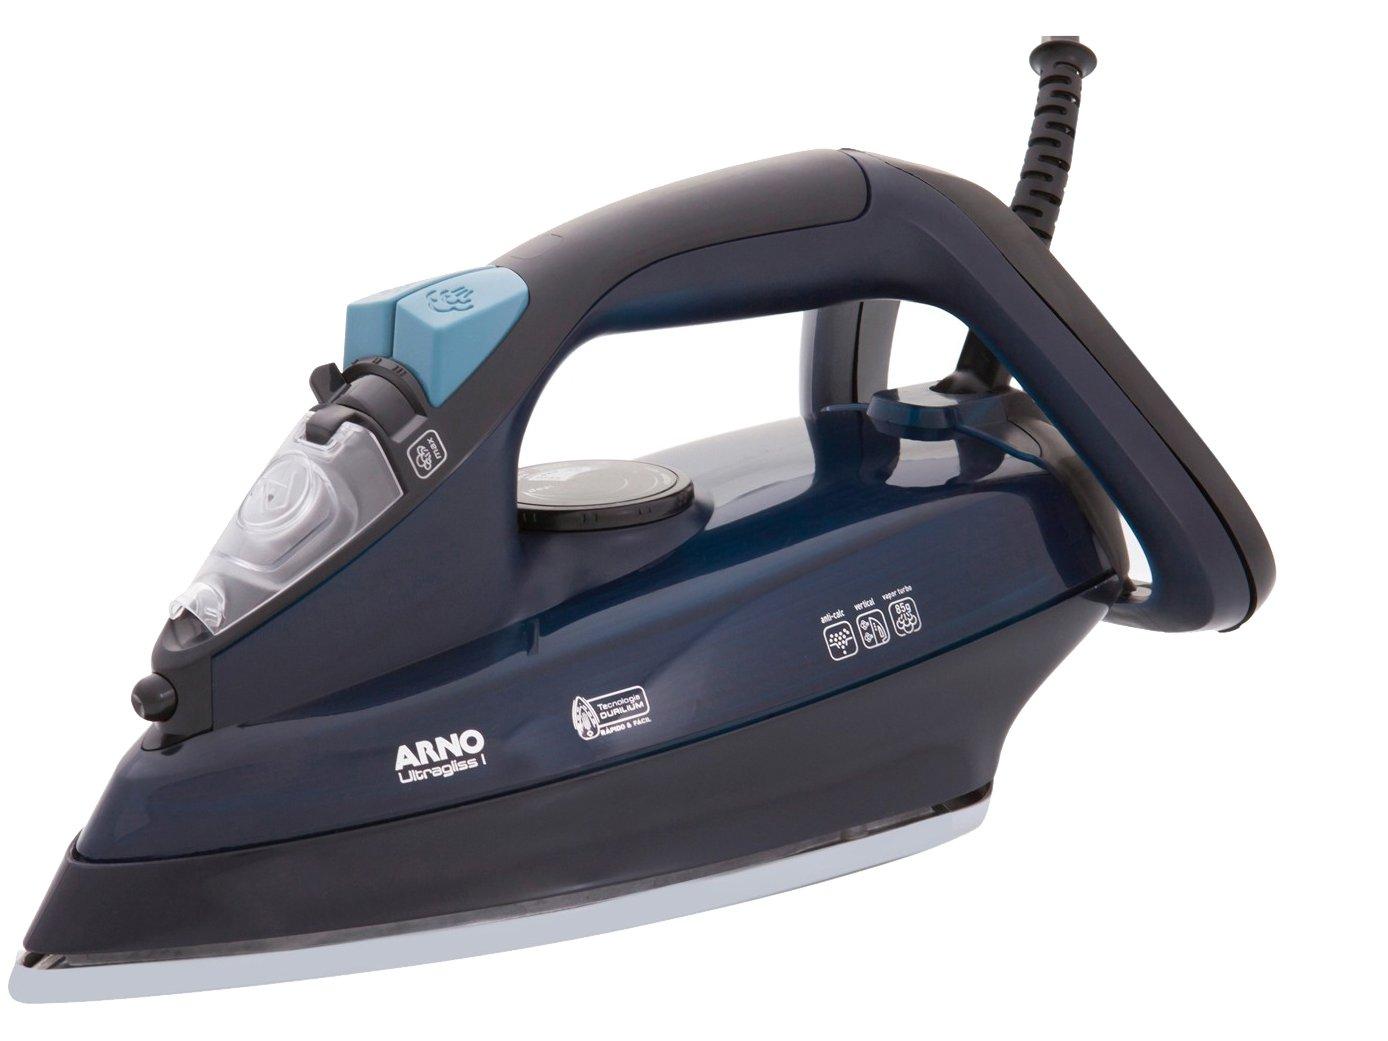 Ferro a Vapor Arno Ultragliss I FUA1 com Spray – Preto e Azul - 110V